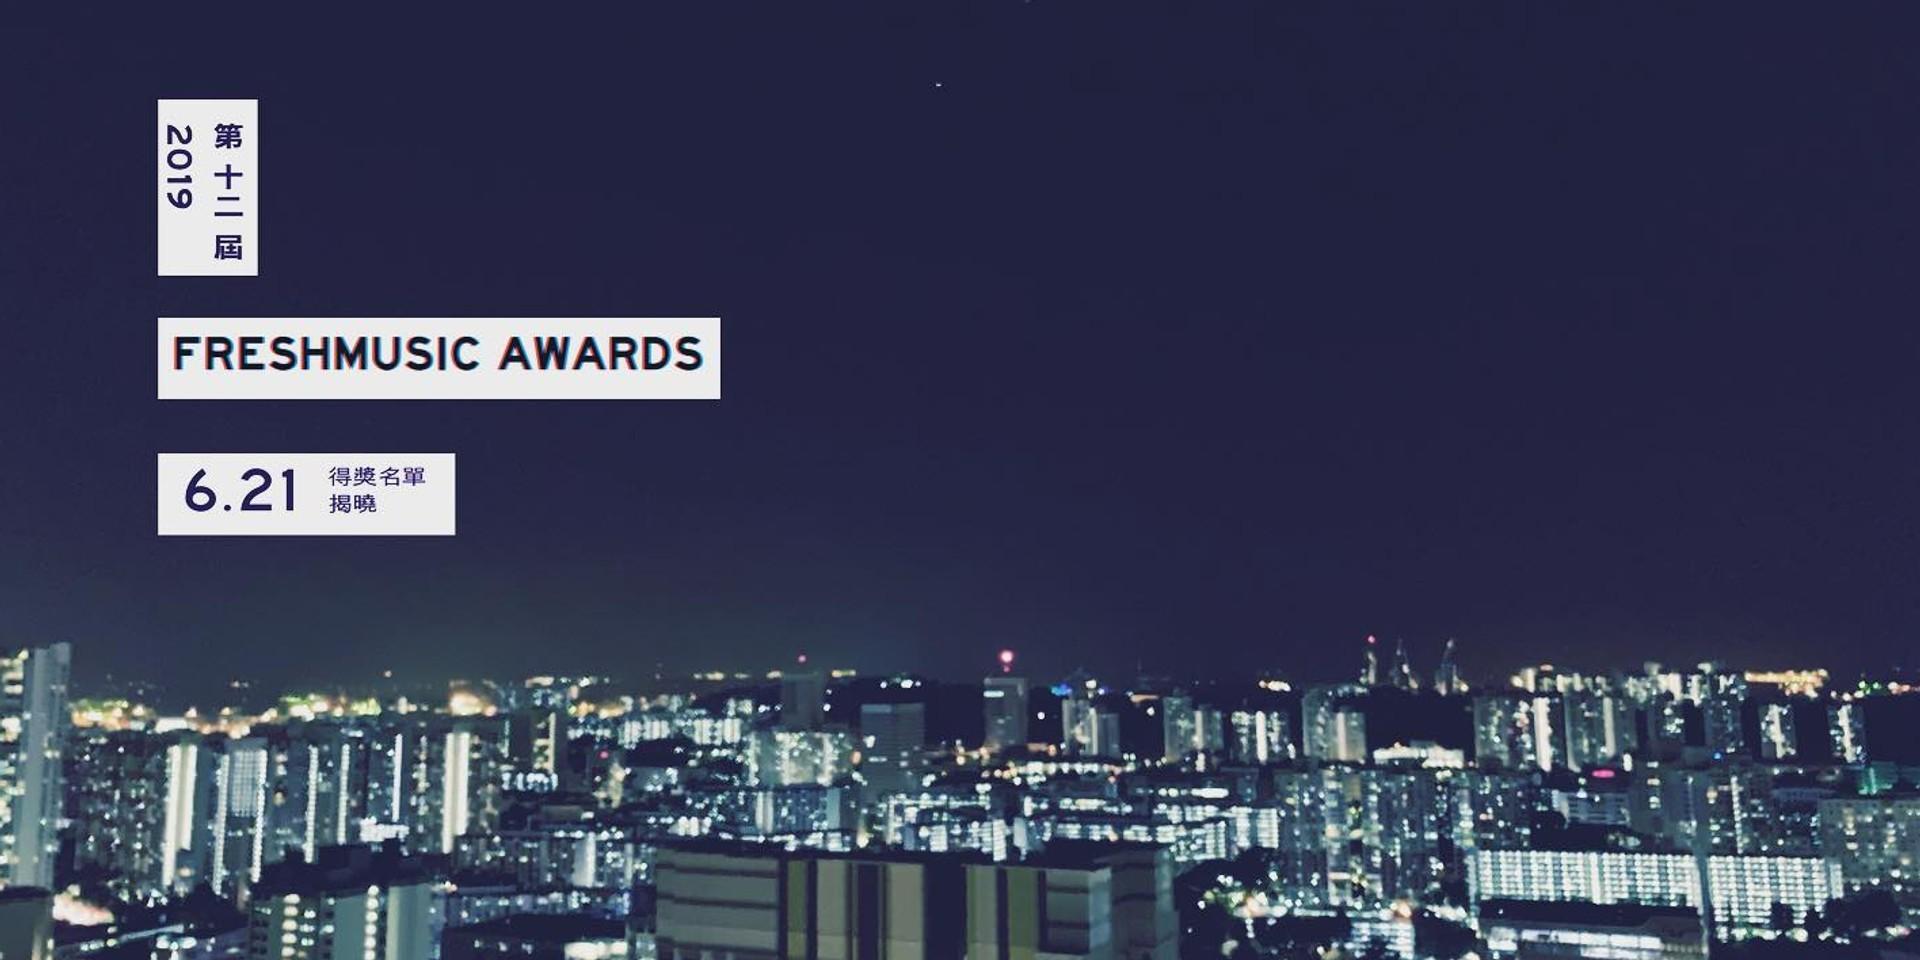 新加坡第12届Freshmusic Awards成绩揭晓  谢震廷林忆莲封歌王歌后  独立音乐人受评审青睐